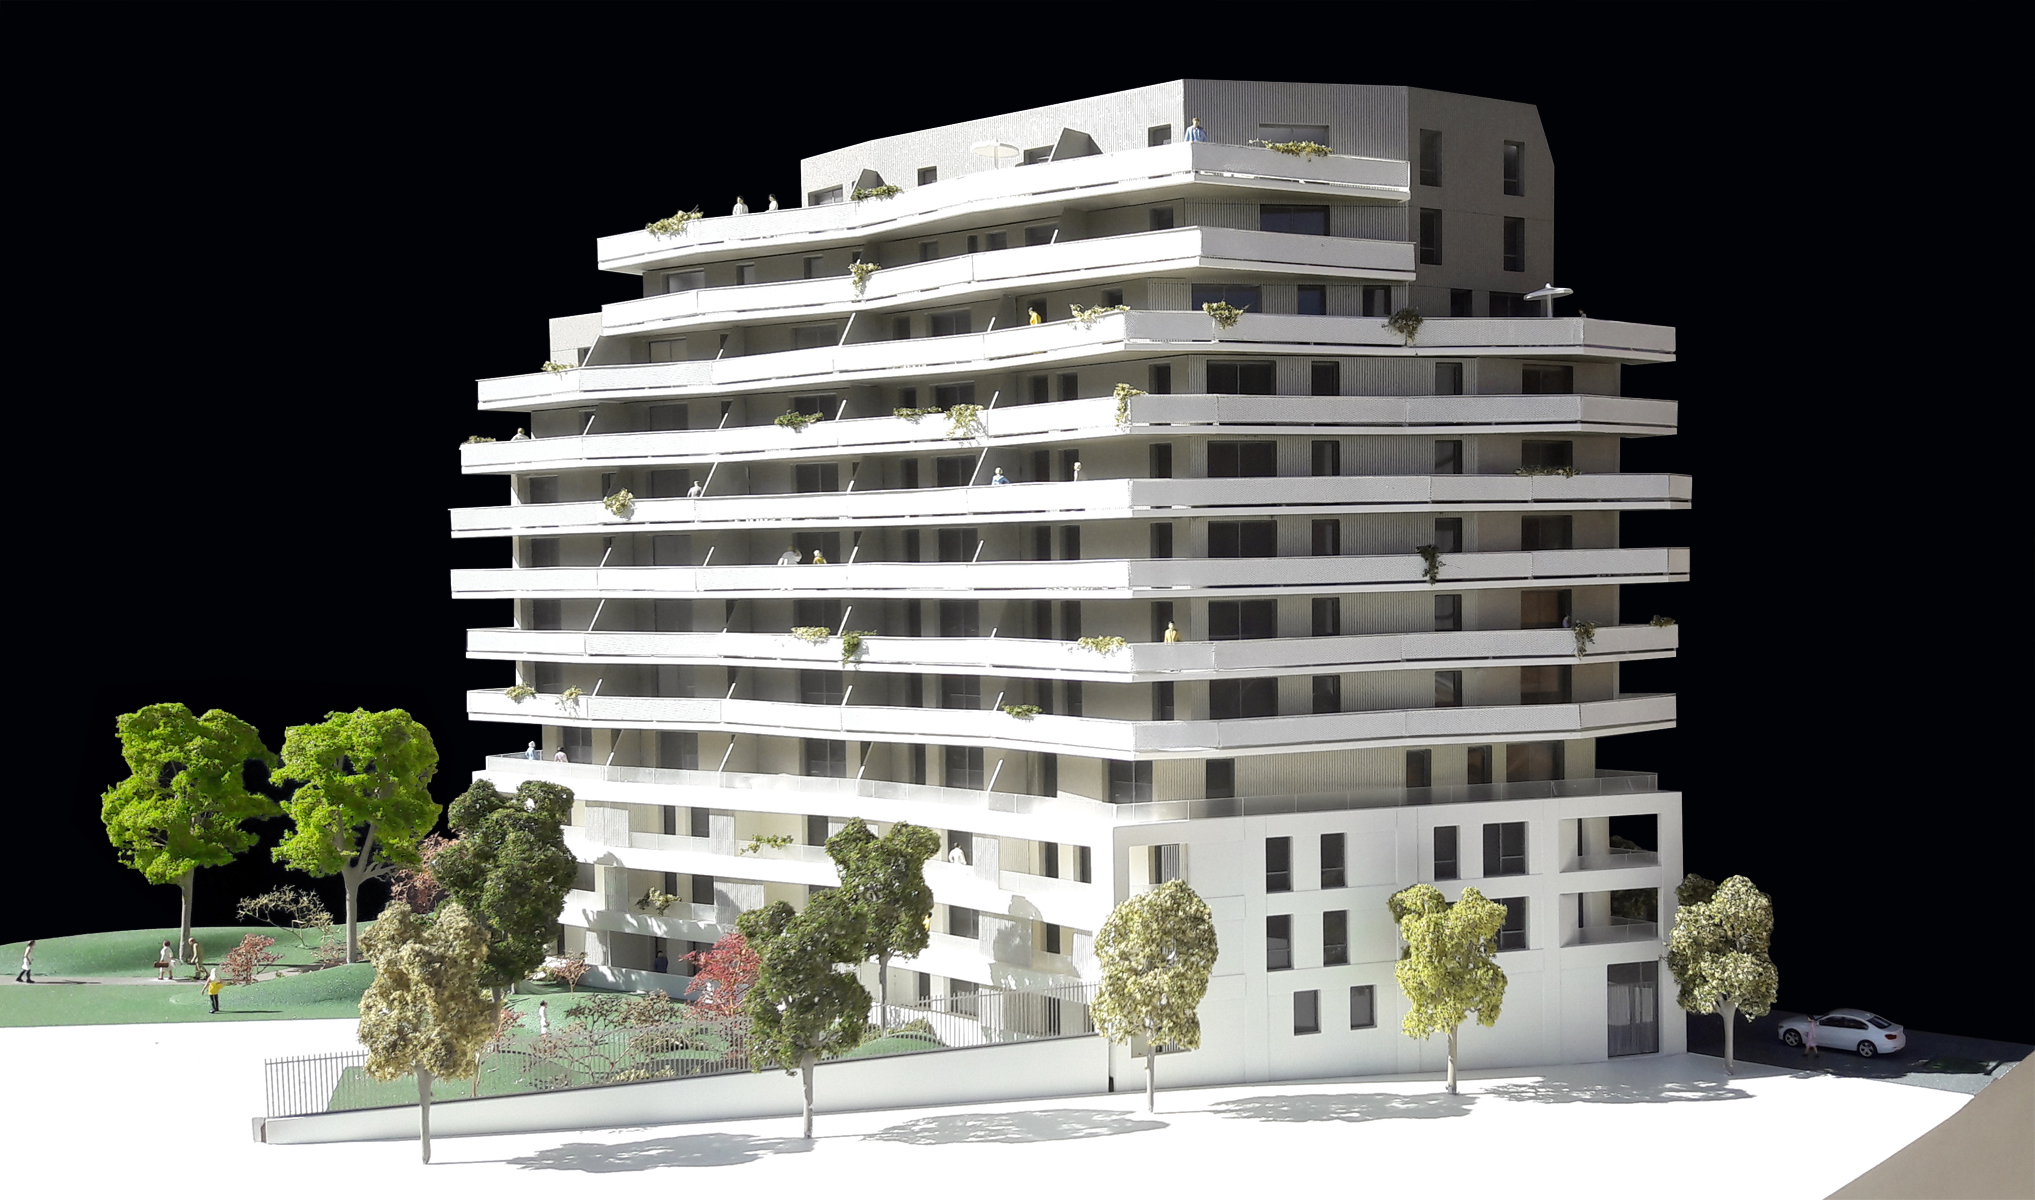 atelier-maquette-design-AM&D-montpellier-architecture-promoteur-fabregues-nicolas-constant-herault-architecte-eleven-corim